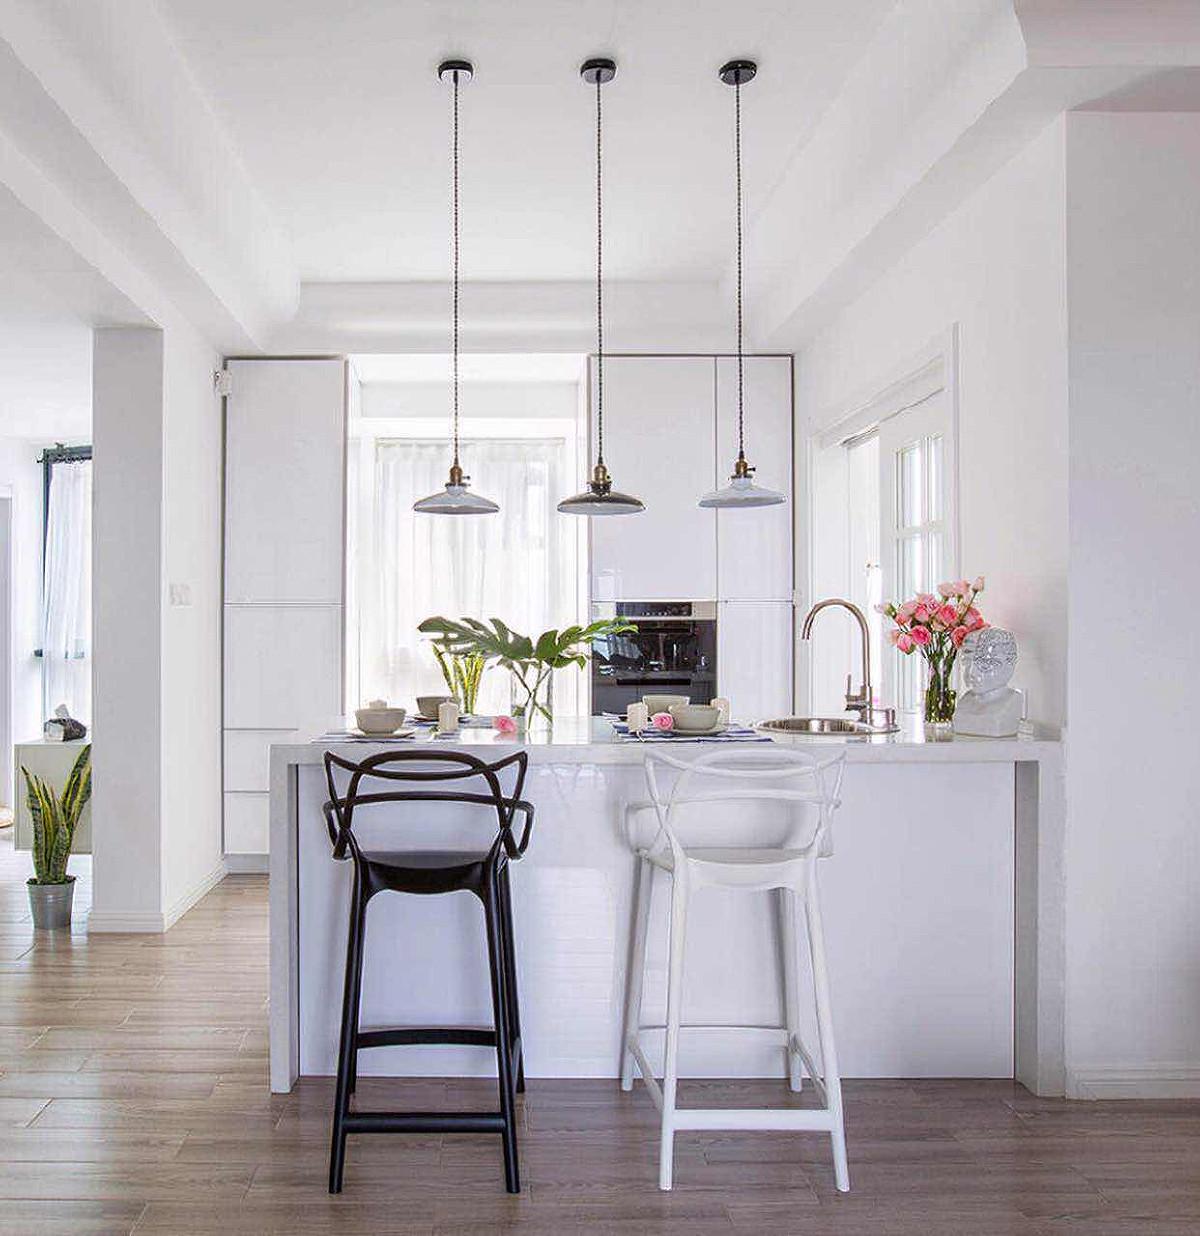 很大程度体现在家具的设计上。注重功能,简化设计,线条简练,多用明快的中性色。